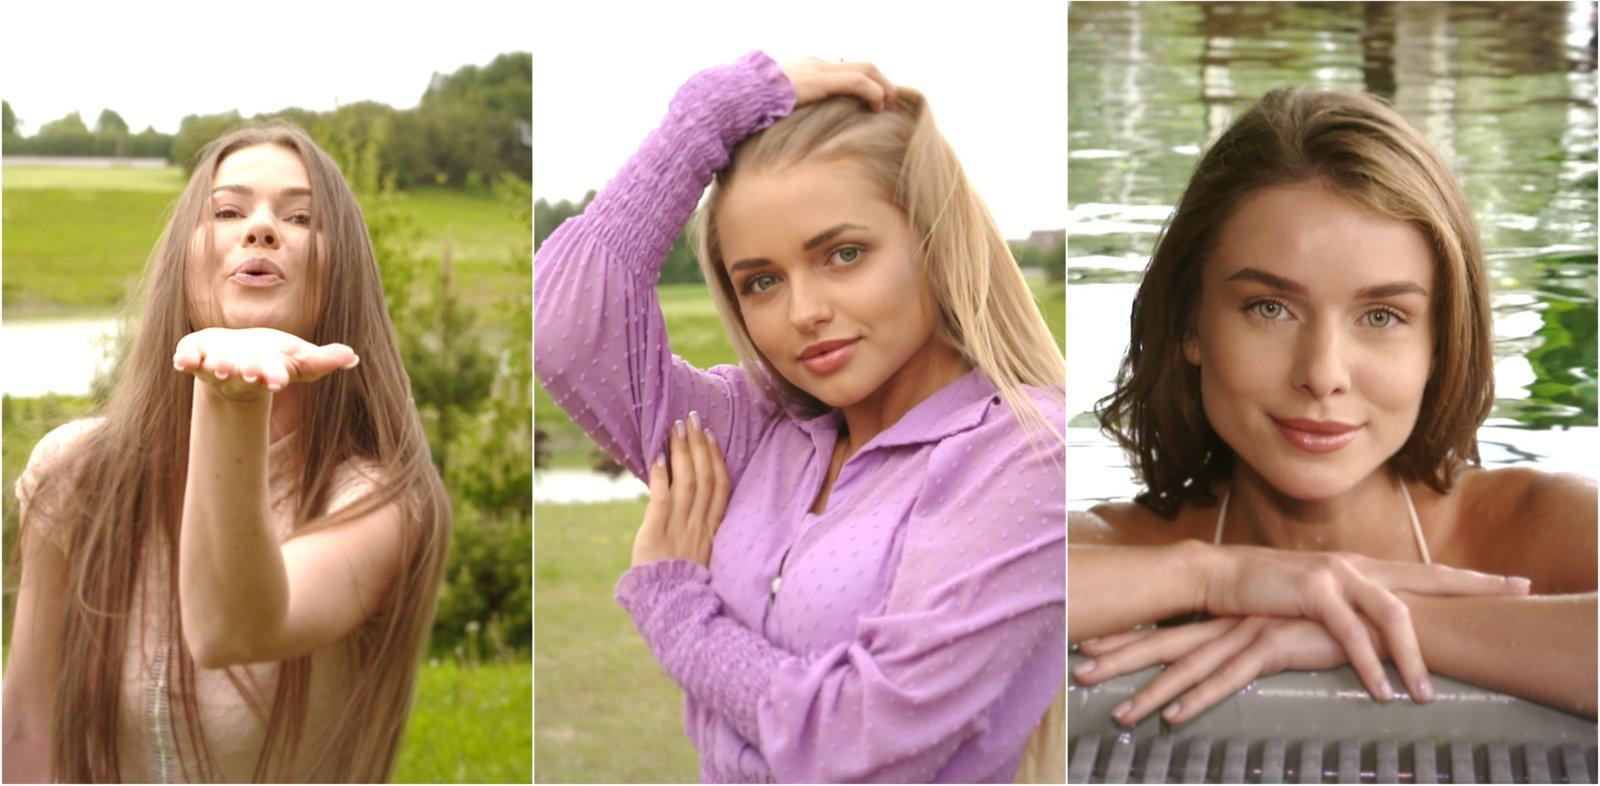 Užburiančios gražuolės iš Ukrainos dėl meilės padarytų viską: ištekėti galėtų nors ir rytoj